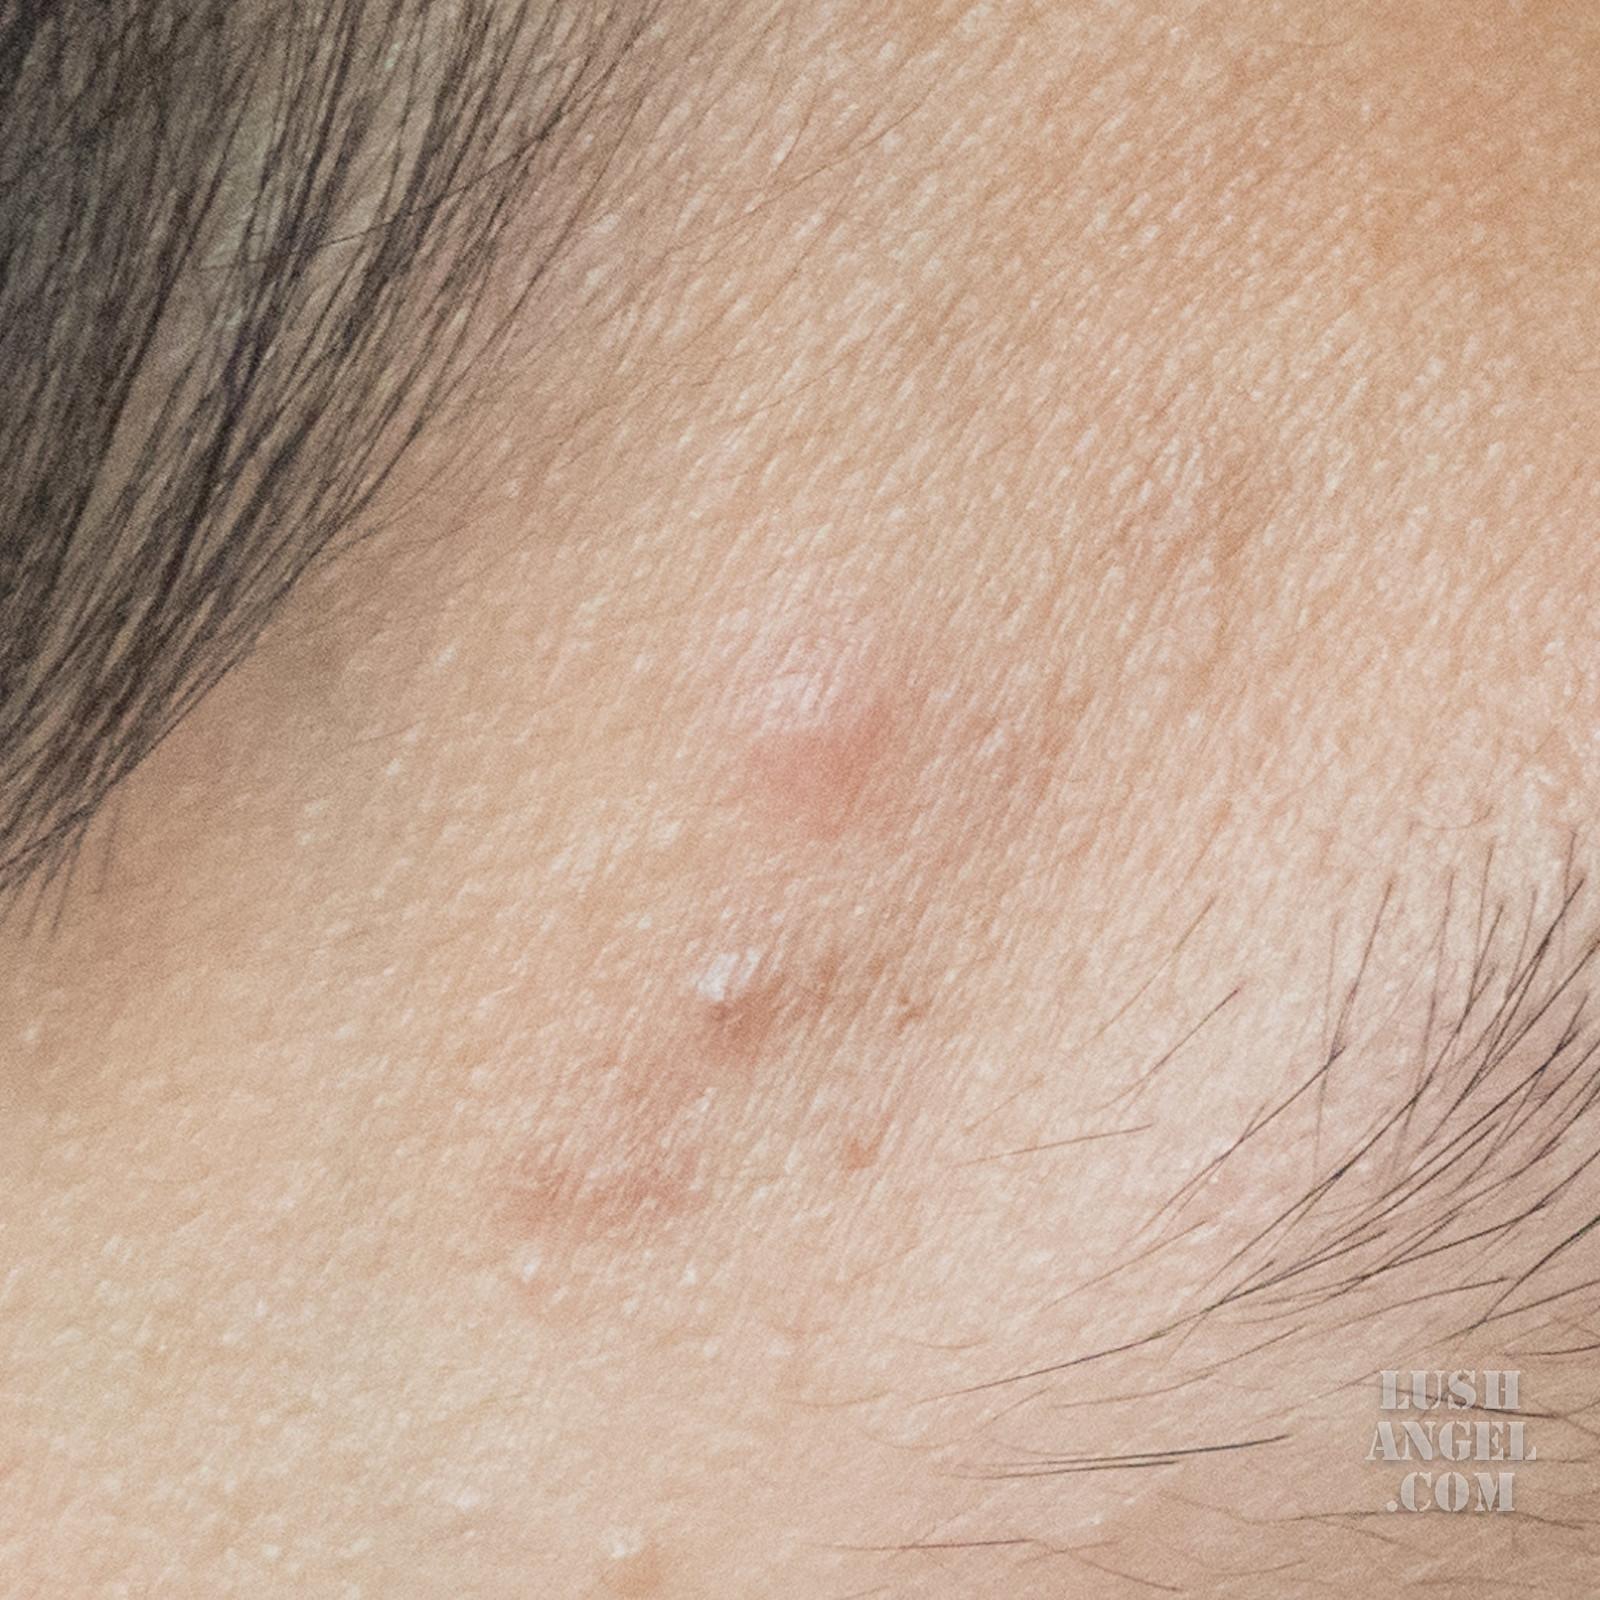 belo-pimple-skincare